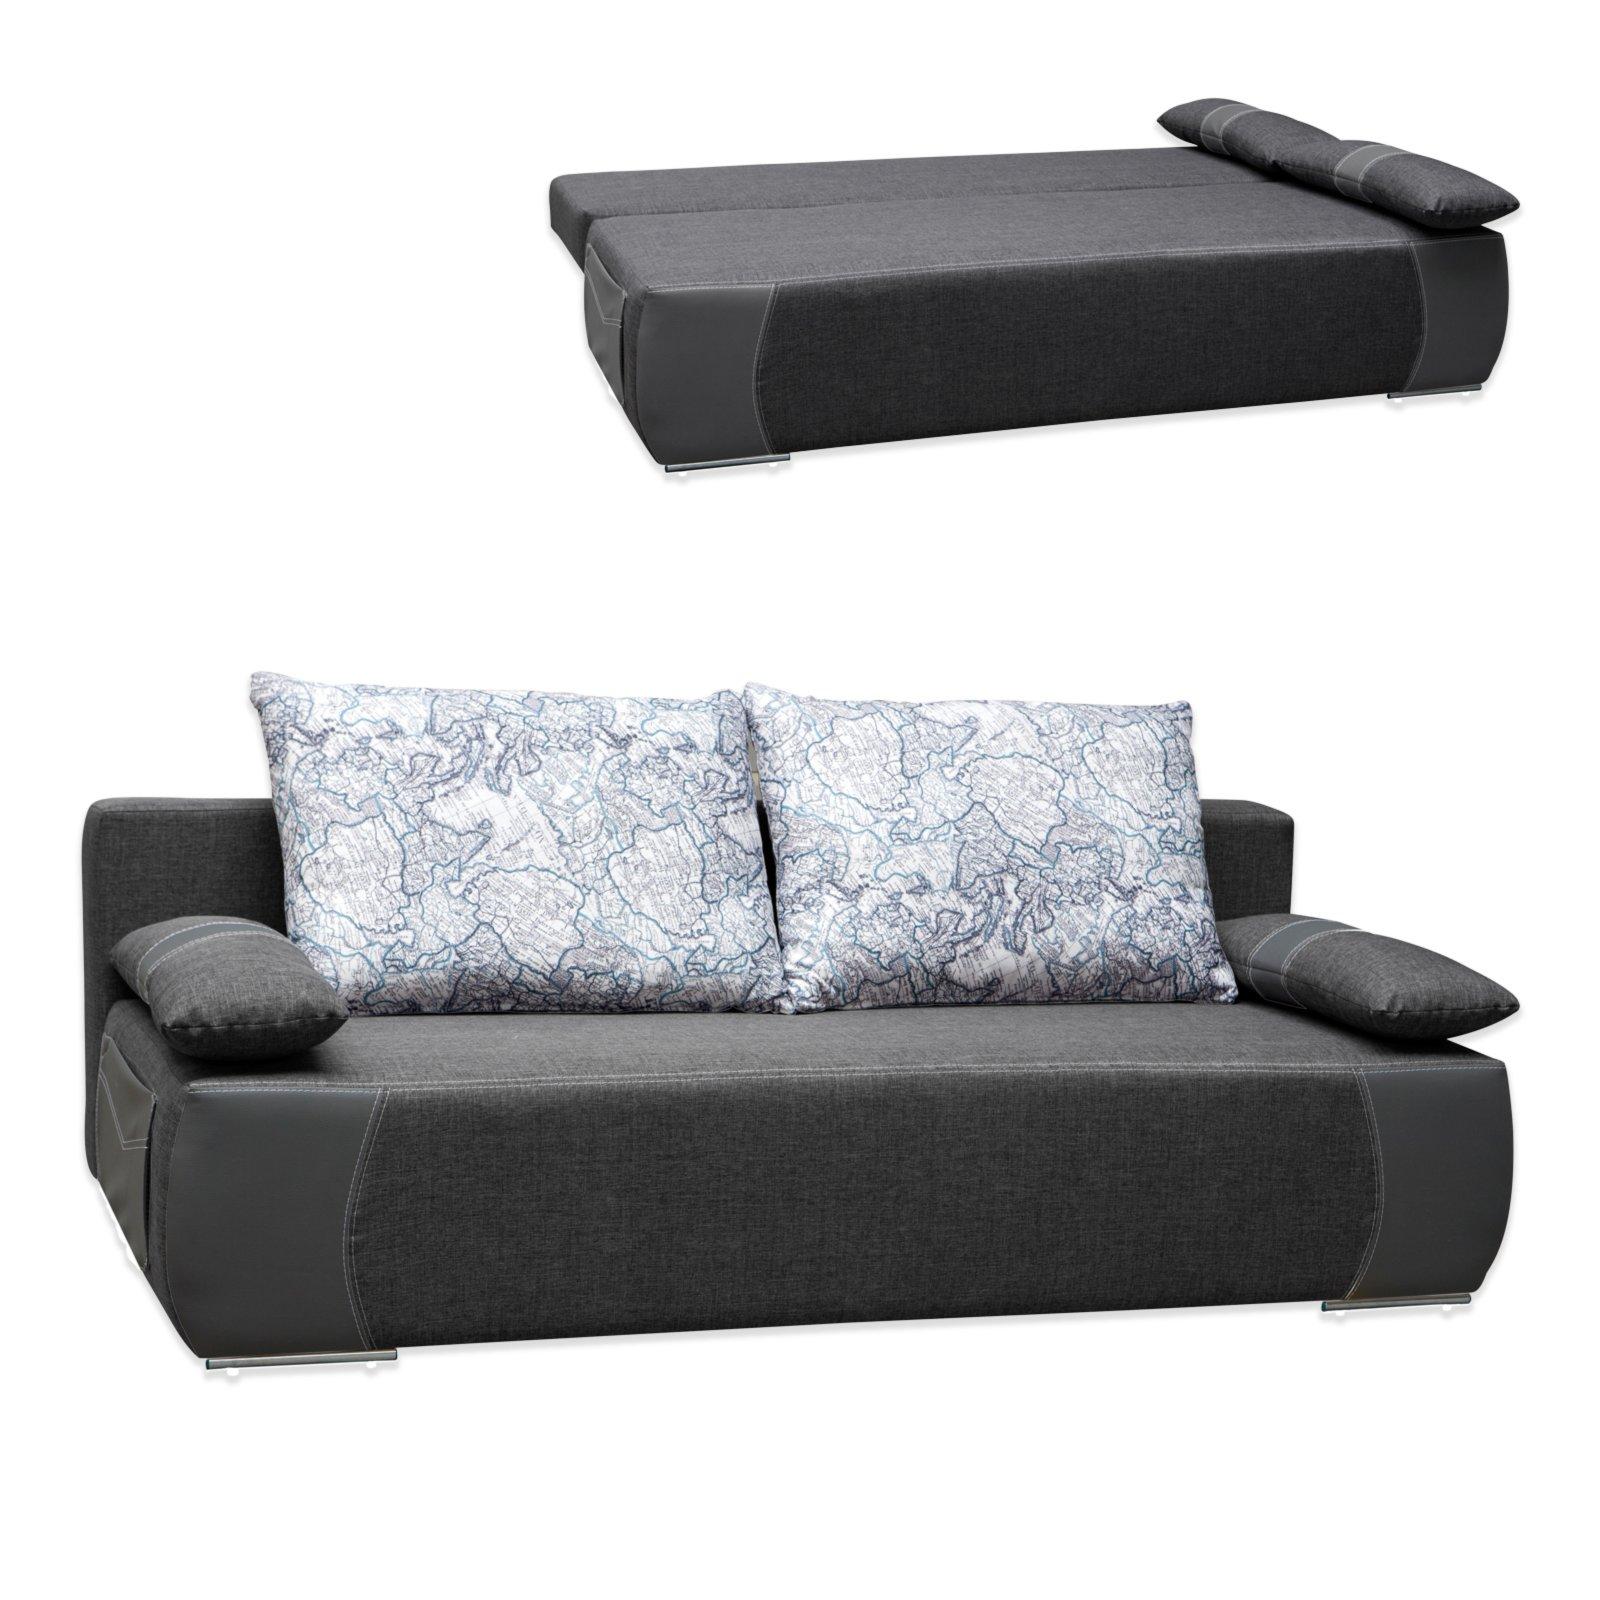 schlafsofa bonellfederkern grau mit staukasten. Black Bedroom Furniture Sets. Home Design Ideas